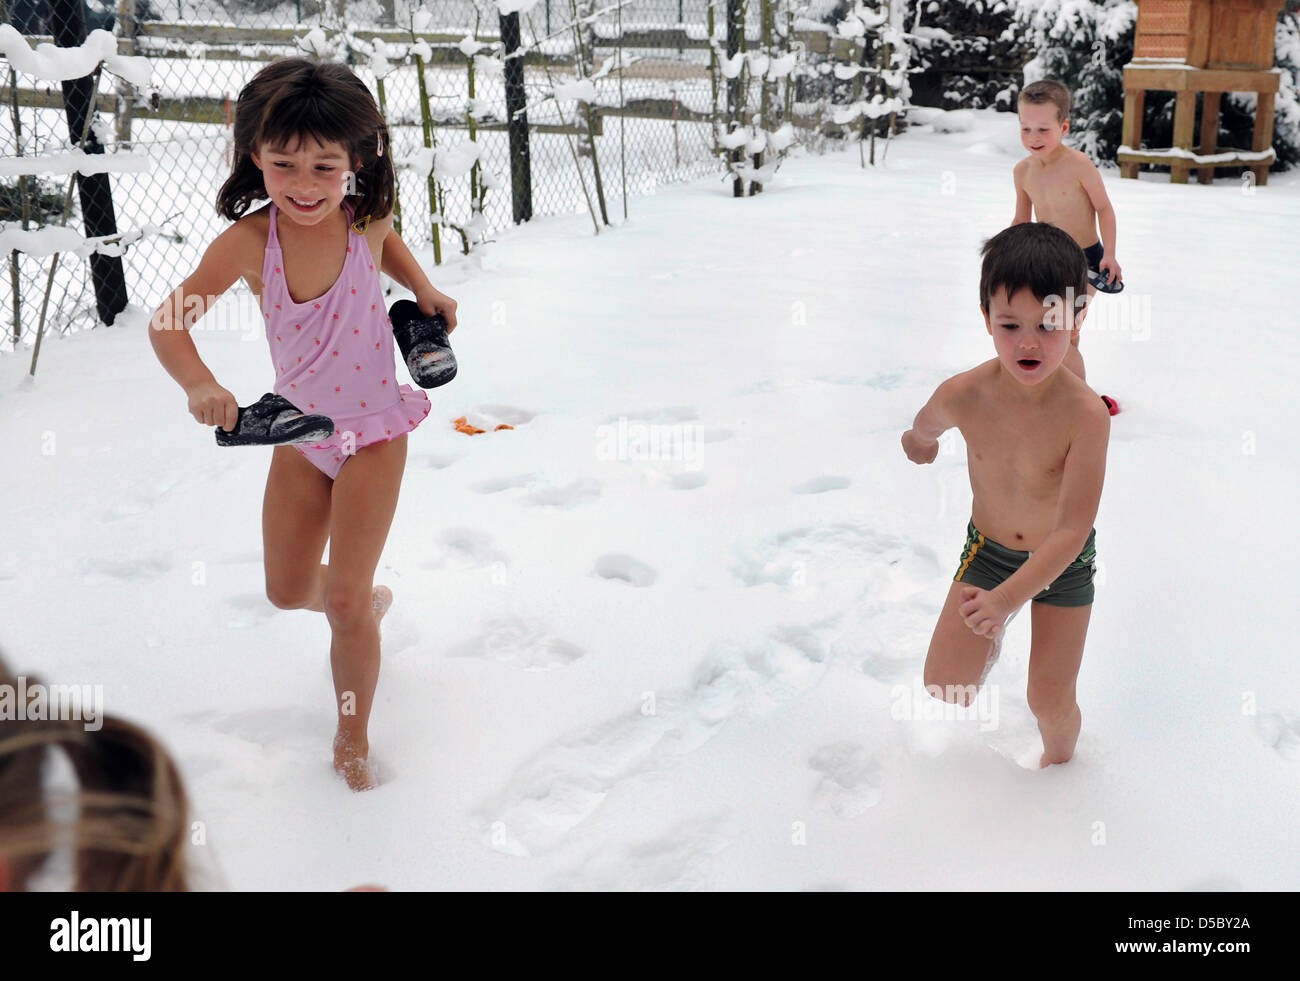 Auf Der Wellness Tag Das Laufen Im Schnee Nach Einem Besuch In Der